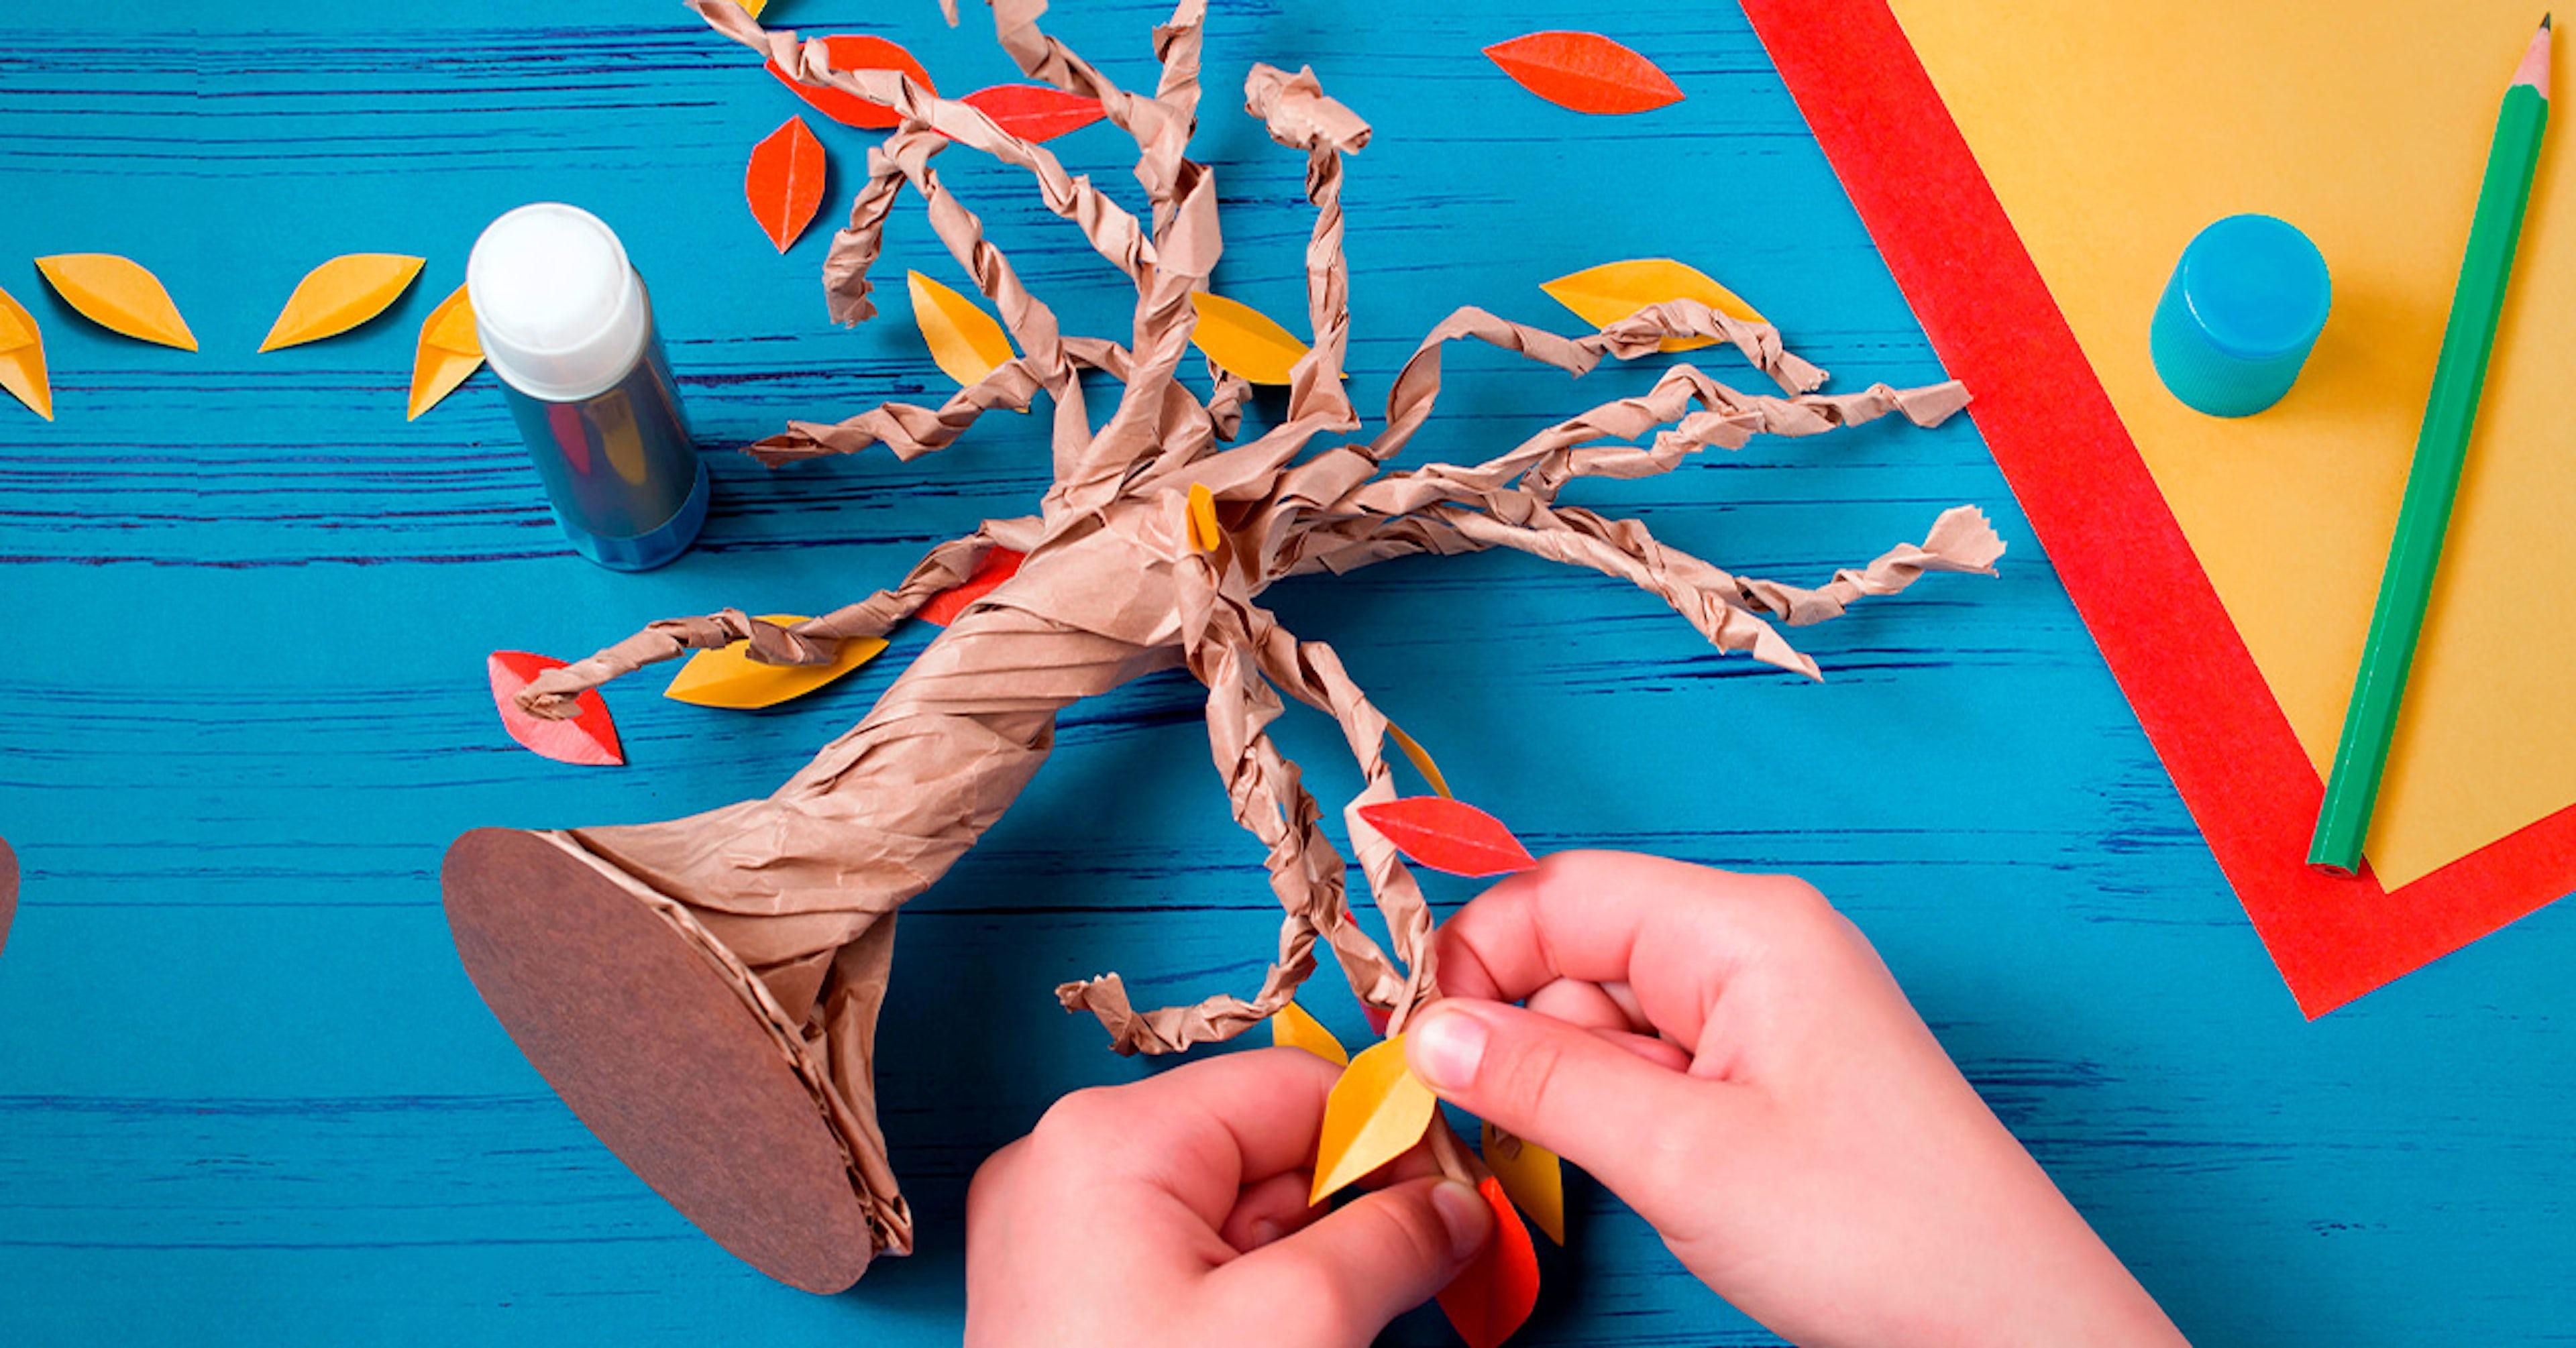 Artesanato para crianças: motive sua criatividade